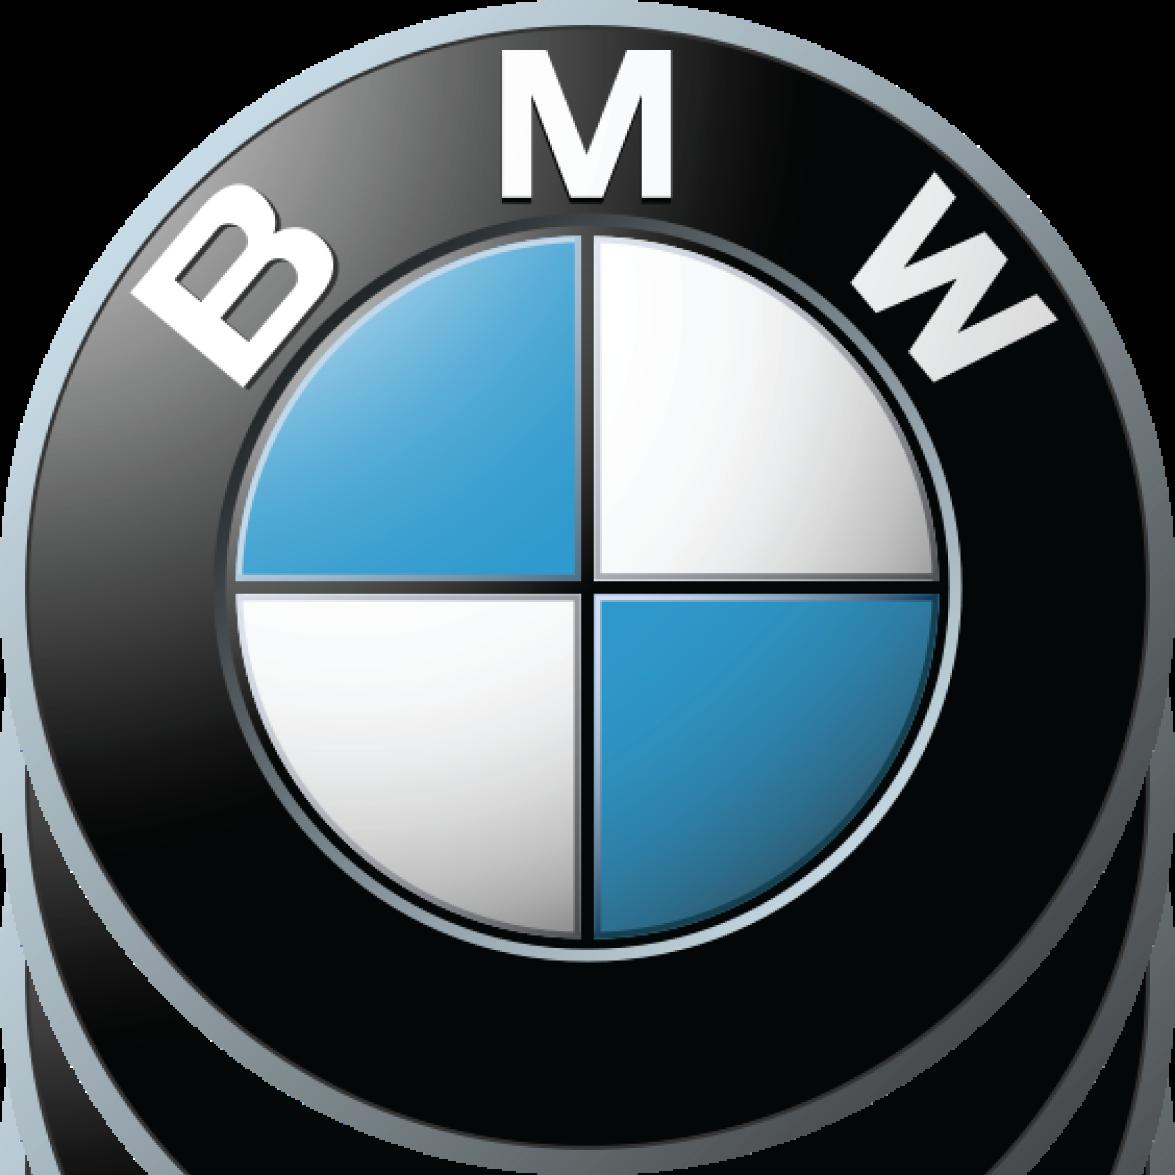 БМВ фото логотип PNG, BMW car logo PNG